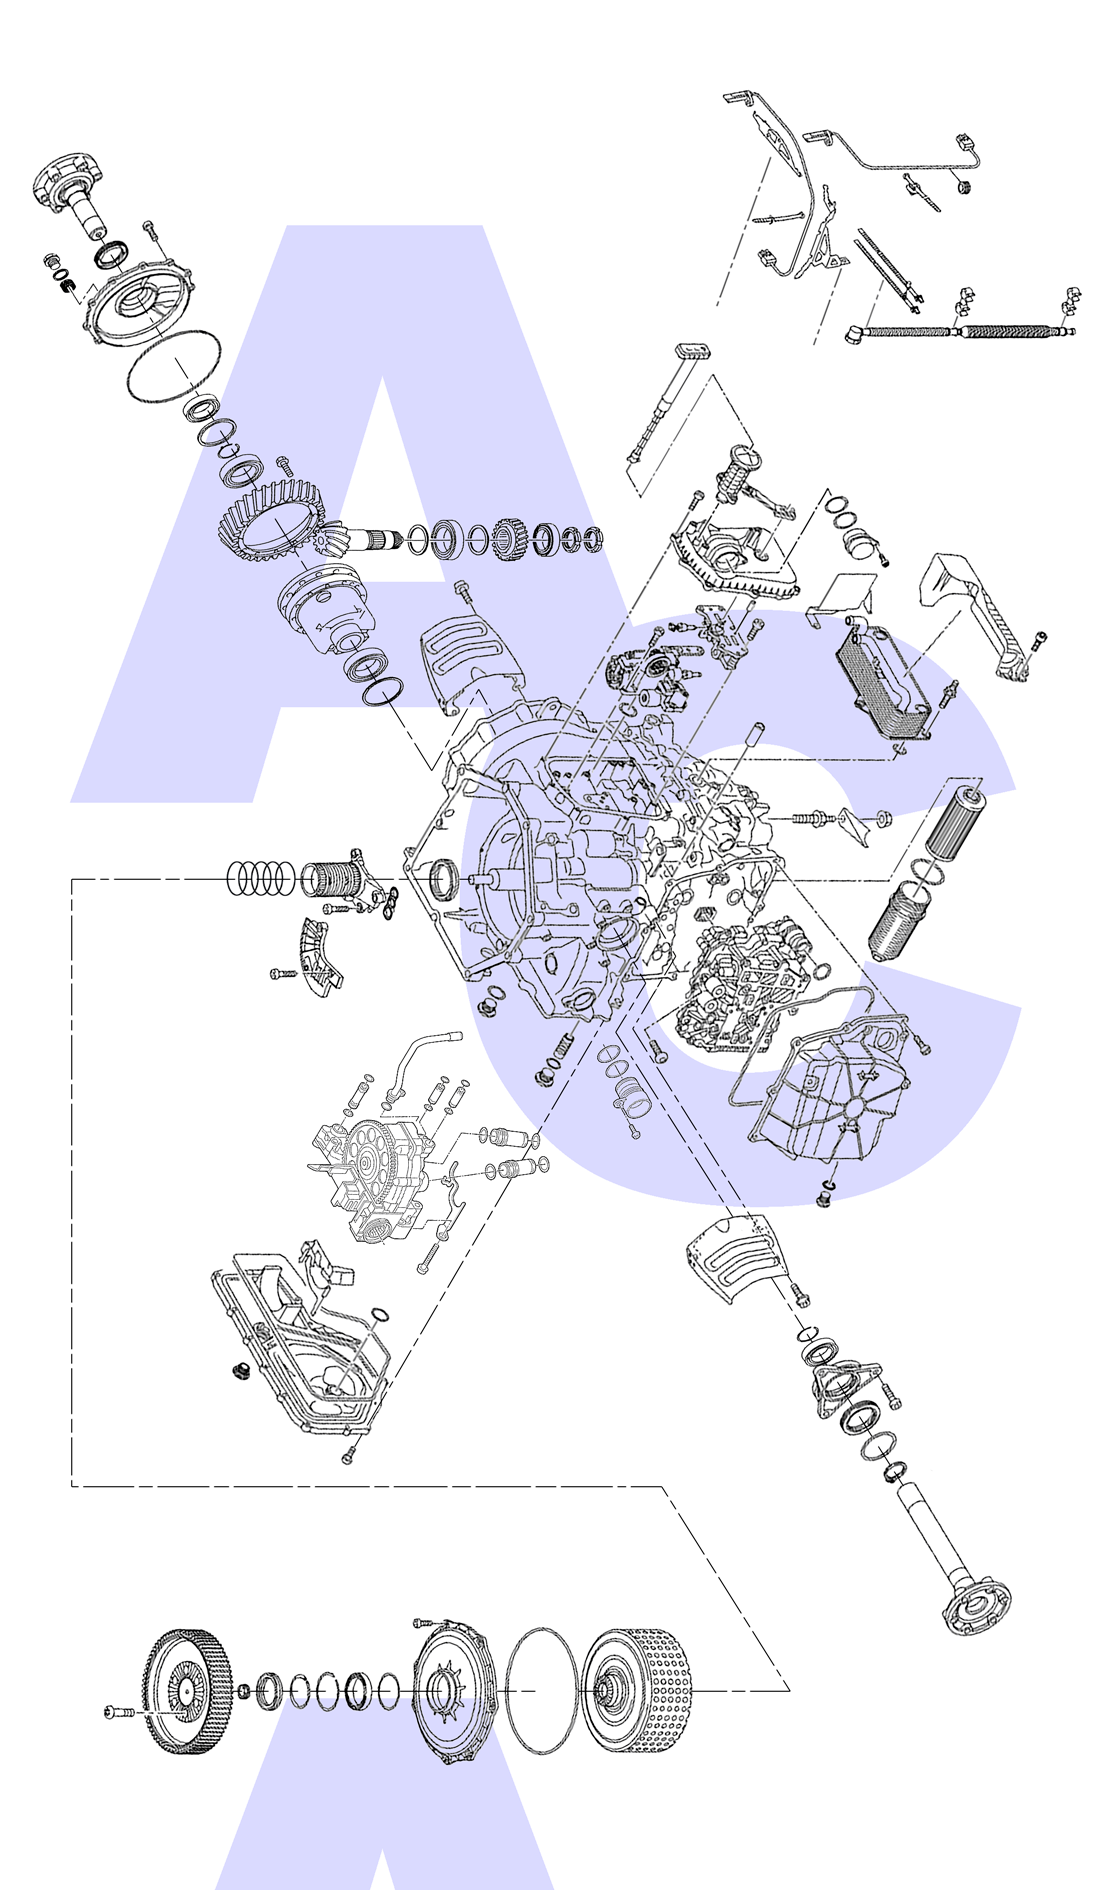 0BZ Dual Clutch Transmission Parts Catalogue - Automatic Choice